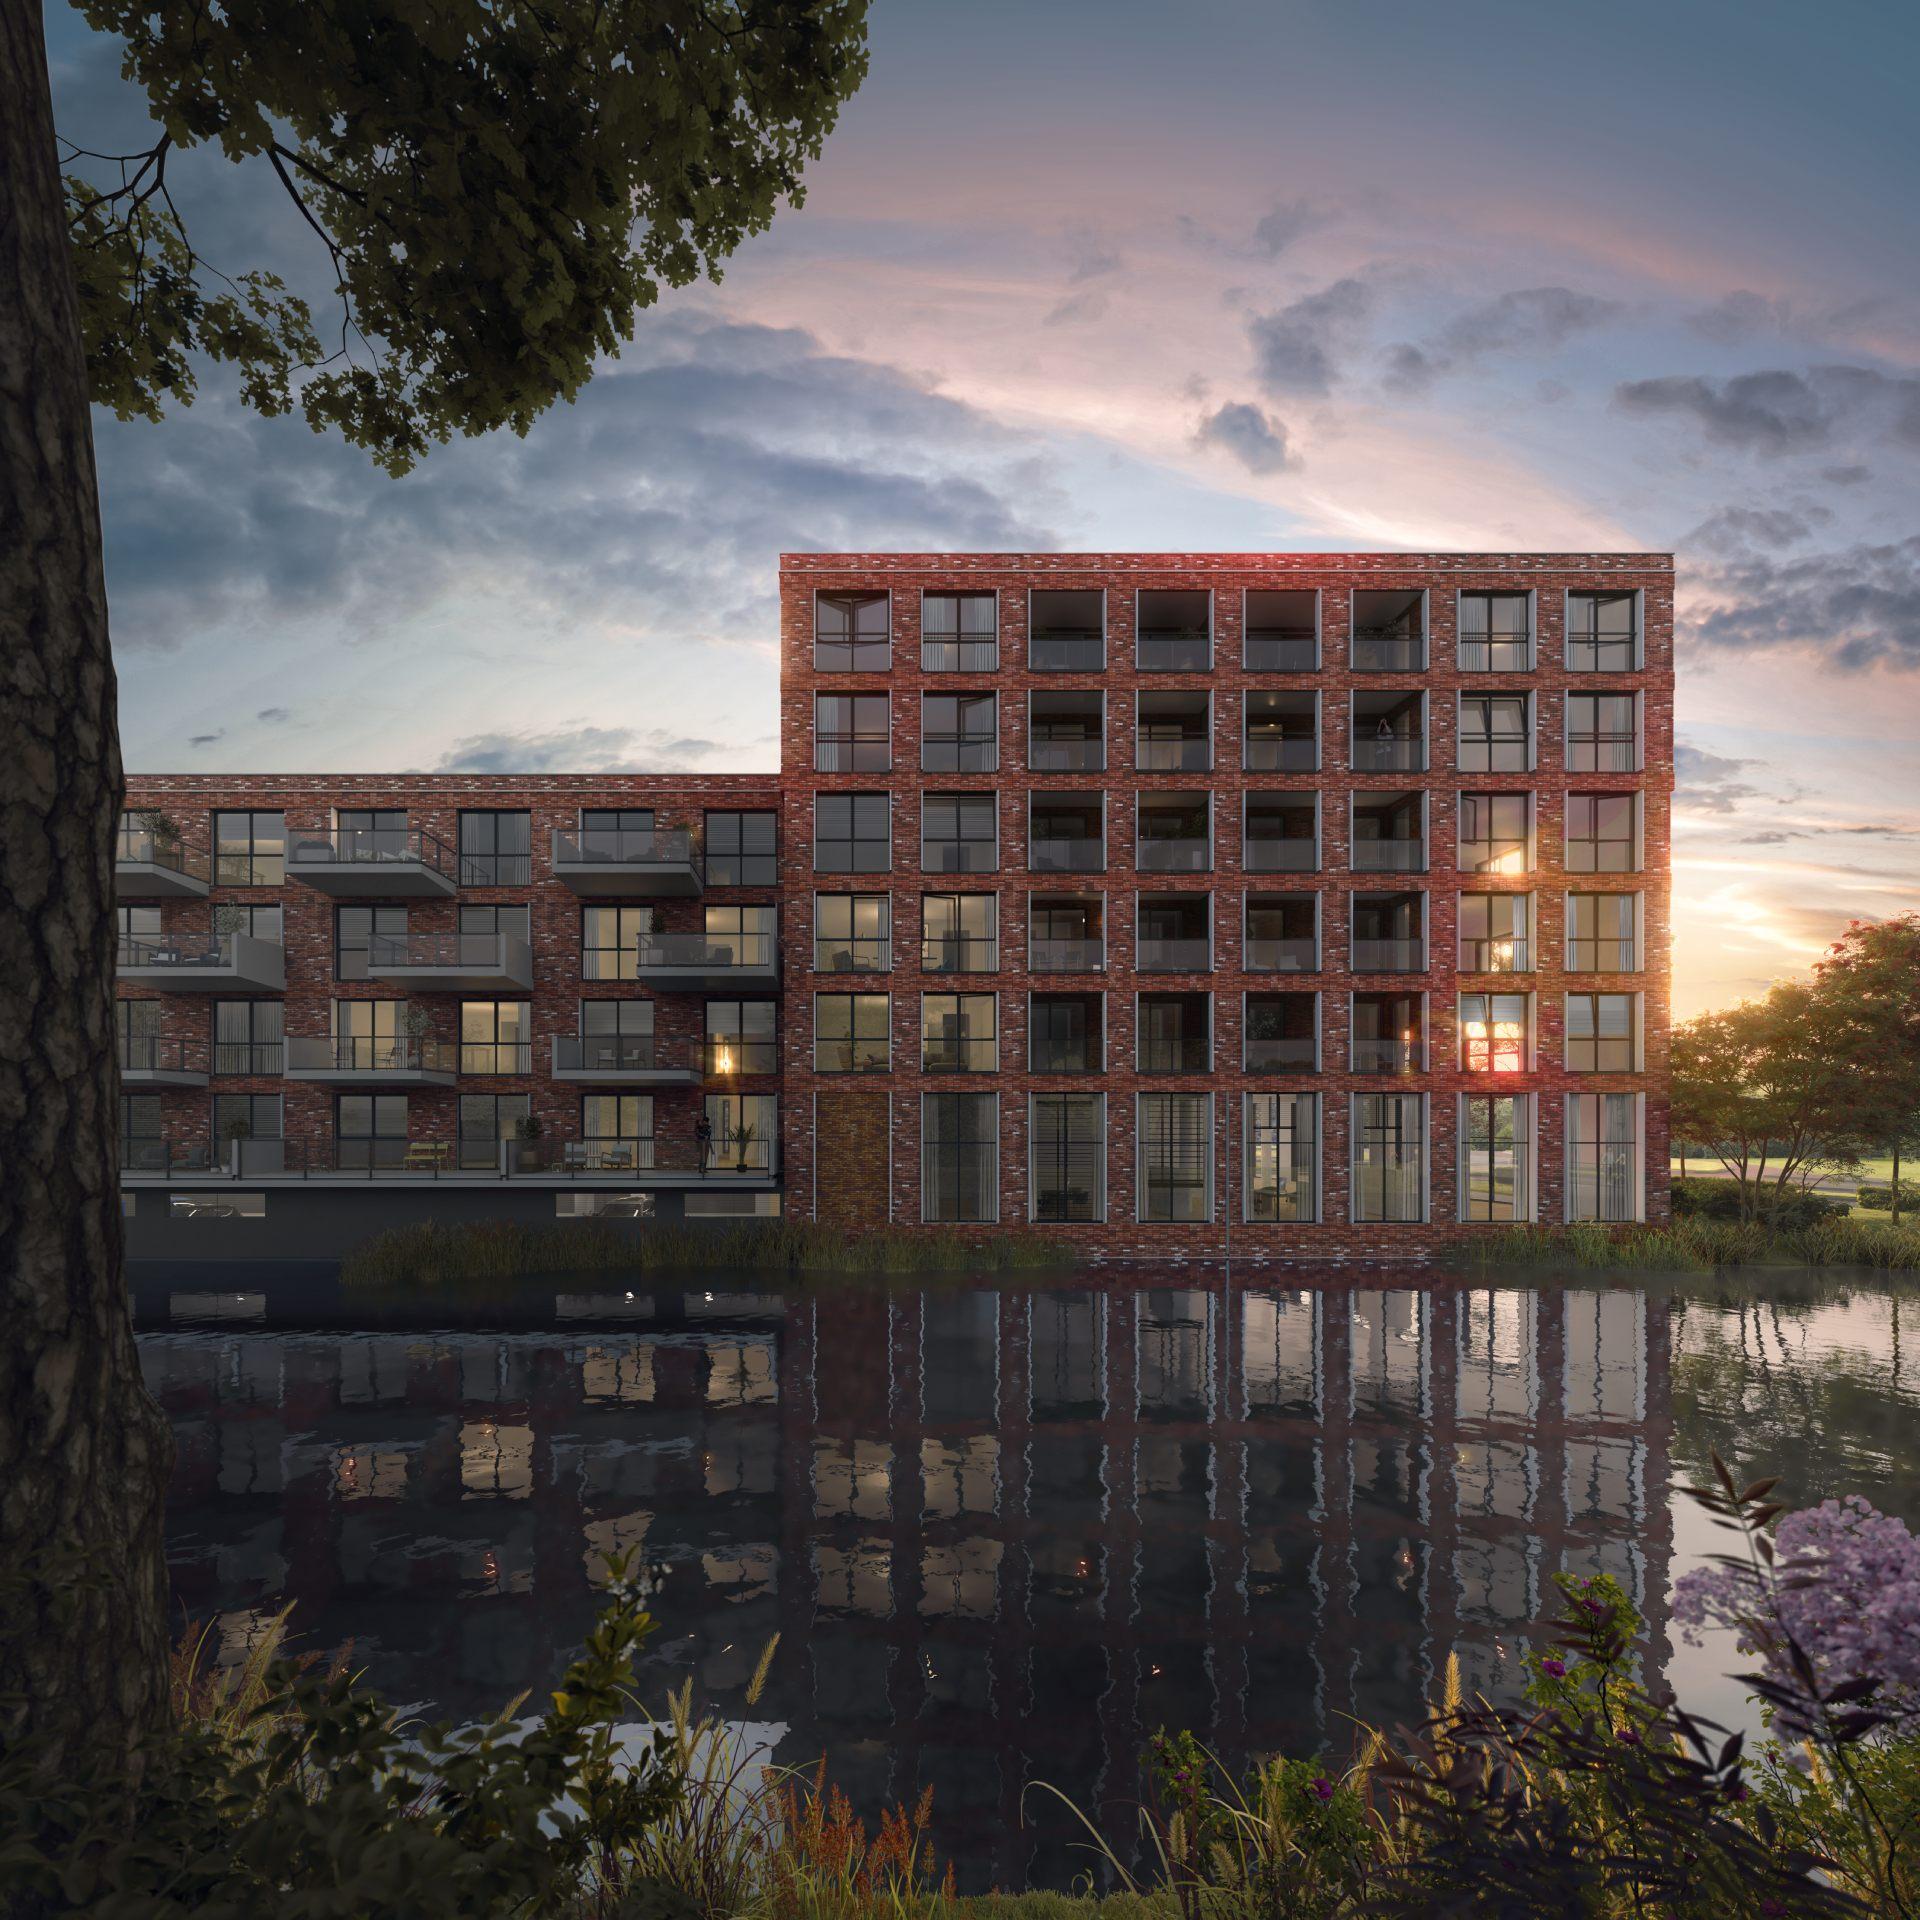 Nieuwbouw Purmerend - Wheerlicht - Artist Impression - waterzijde - avond - exterieur